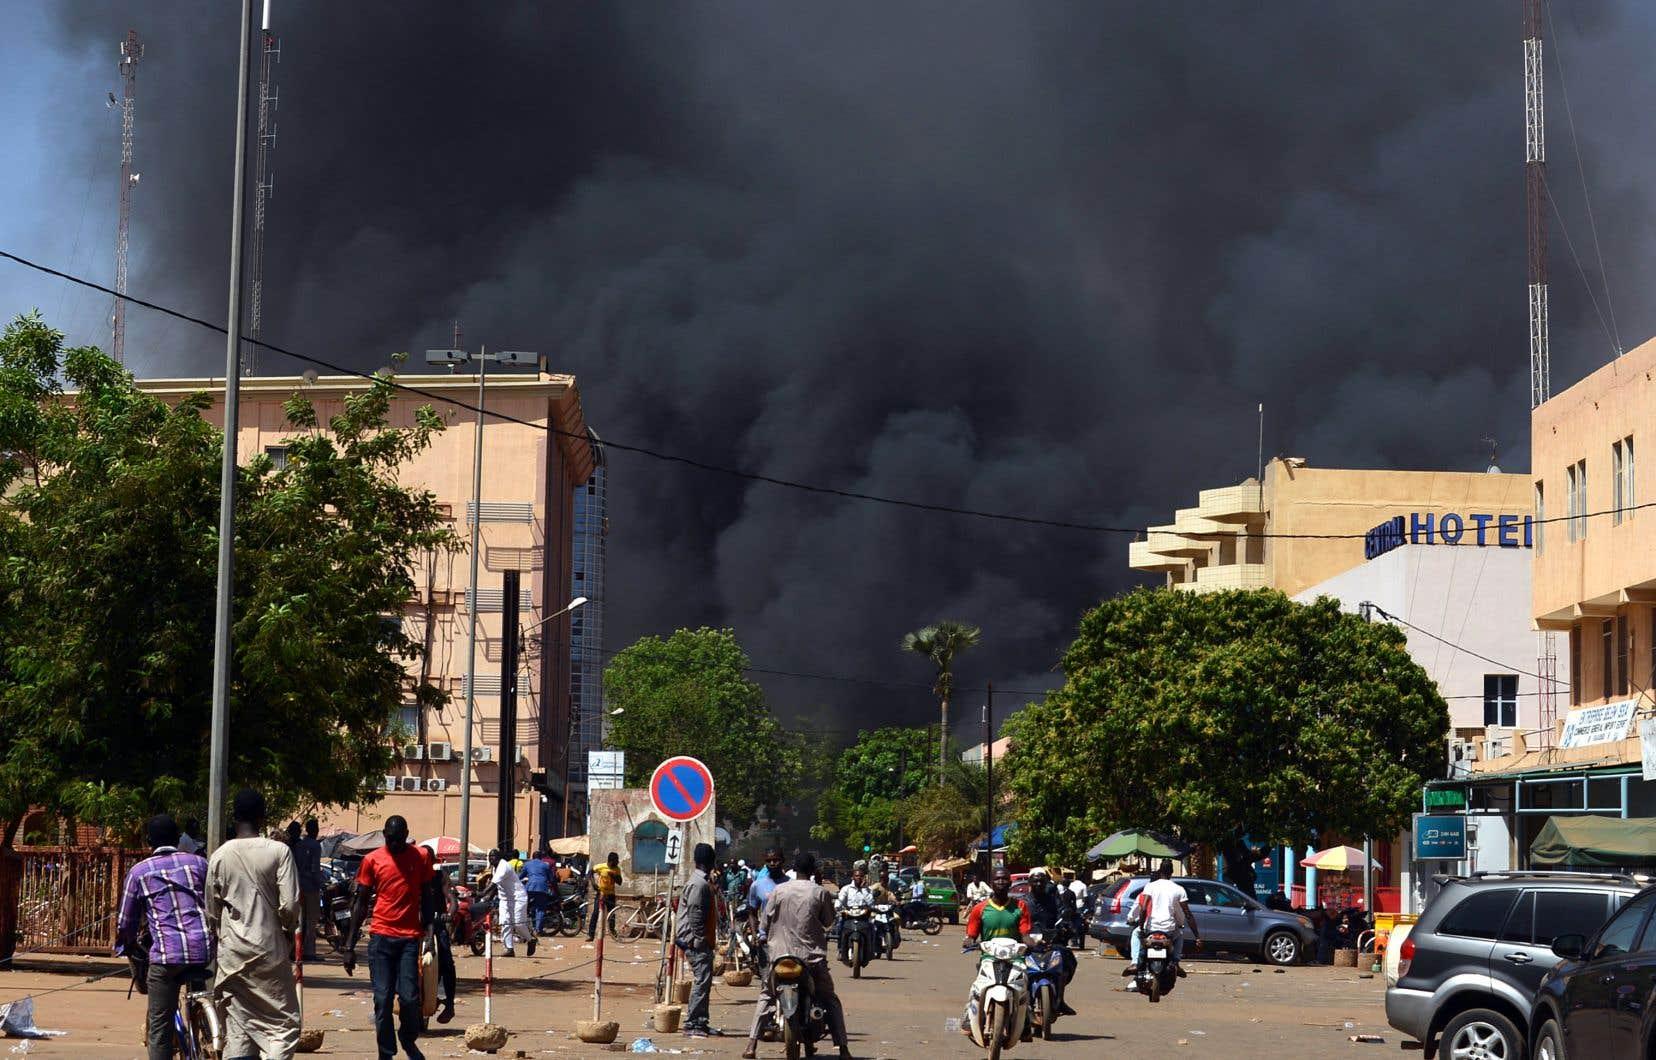 Des épaisses colonnes de fumée noire se sont élevées dans le ciel de Ouagadougou après les attaques.